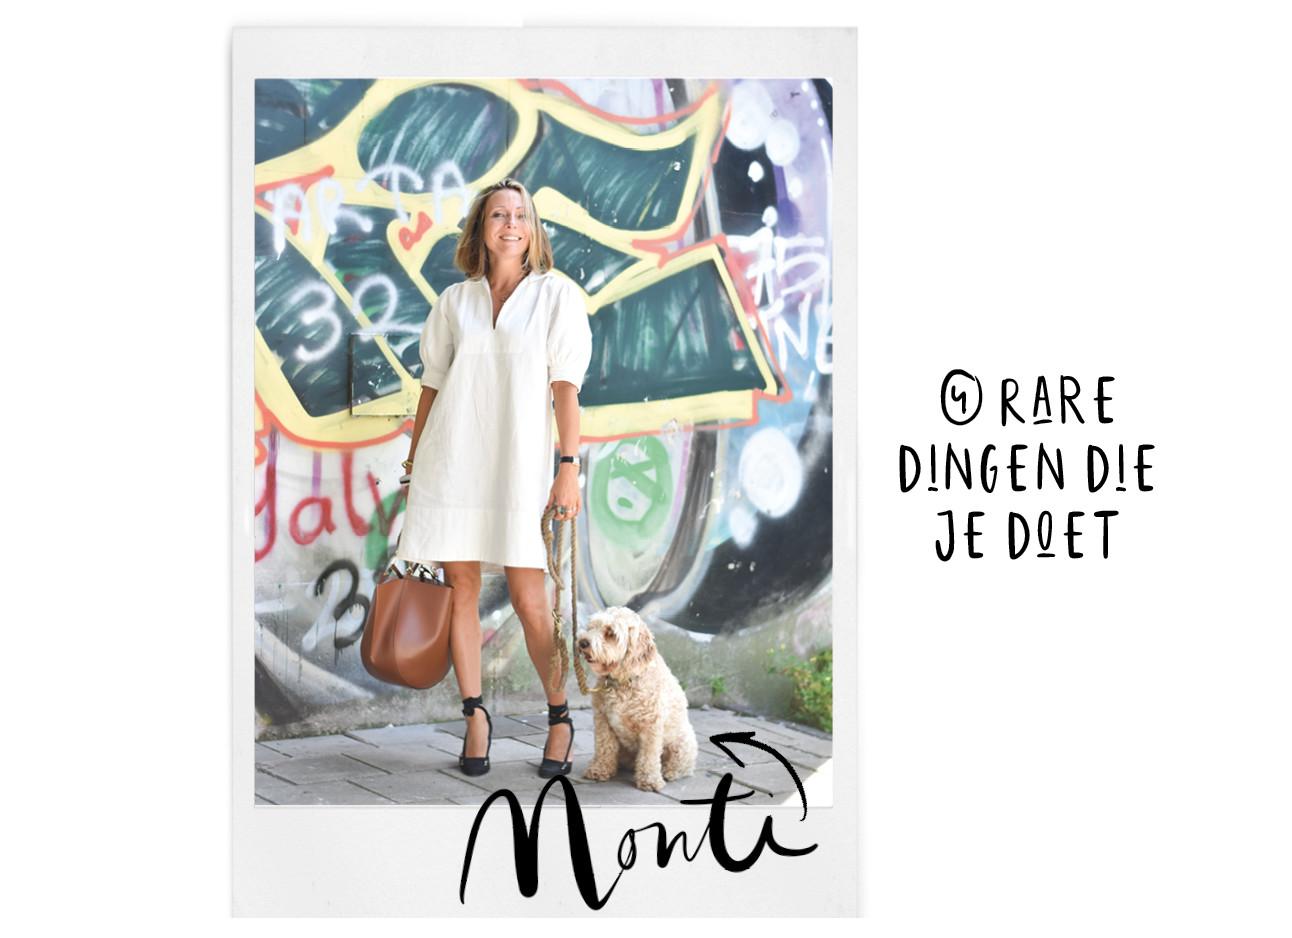 Heimwee naar je hond Monti en may op straat